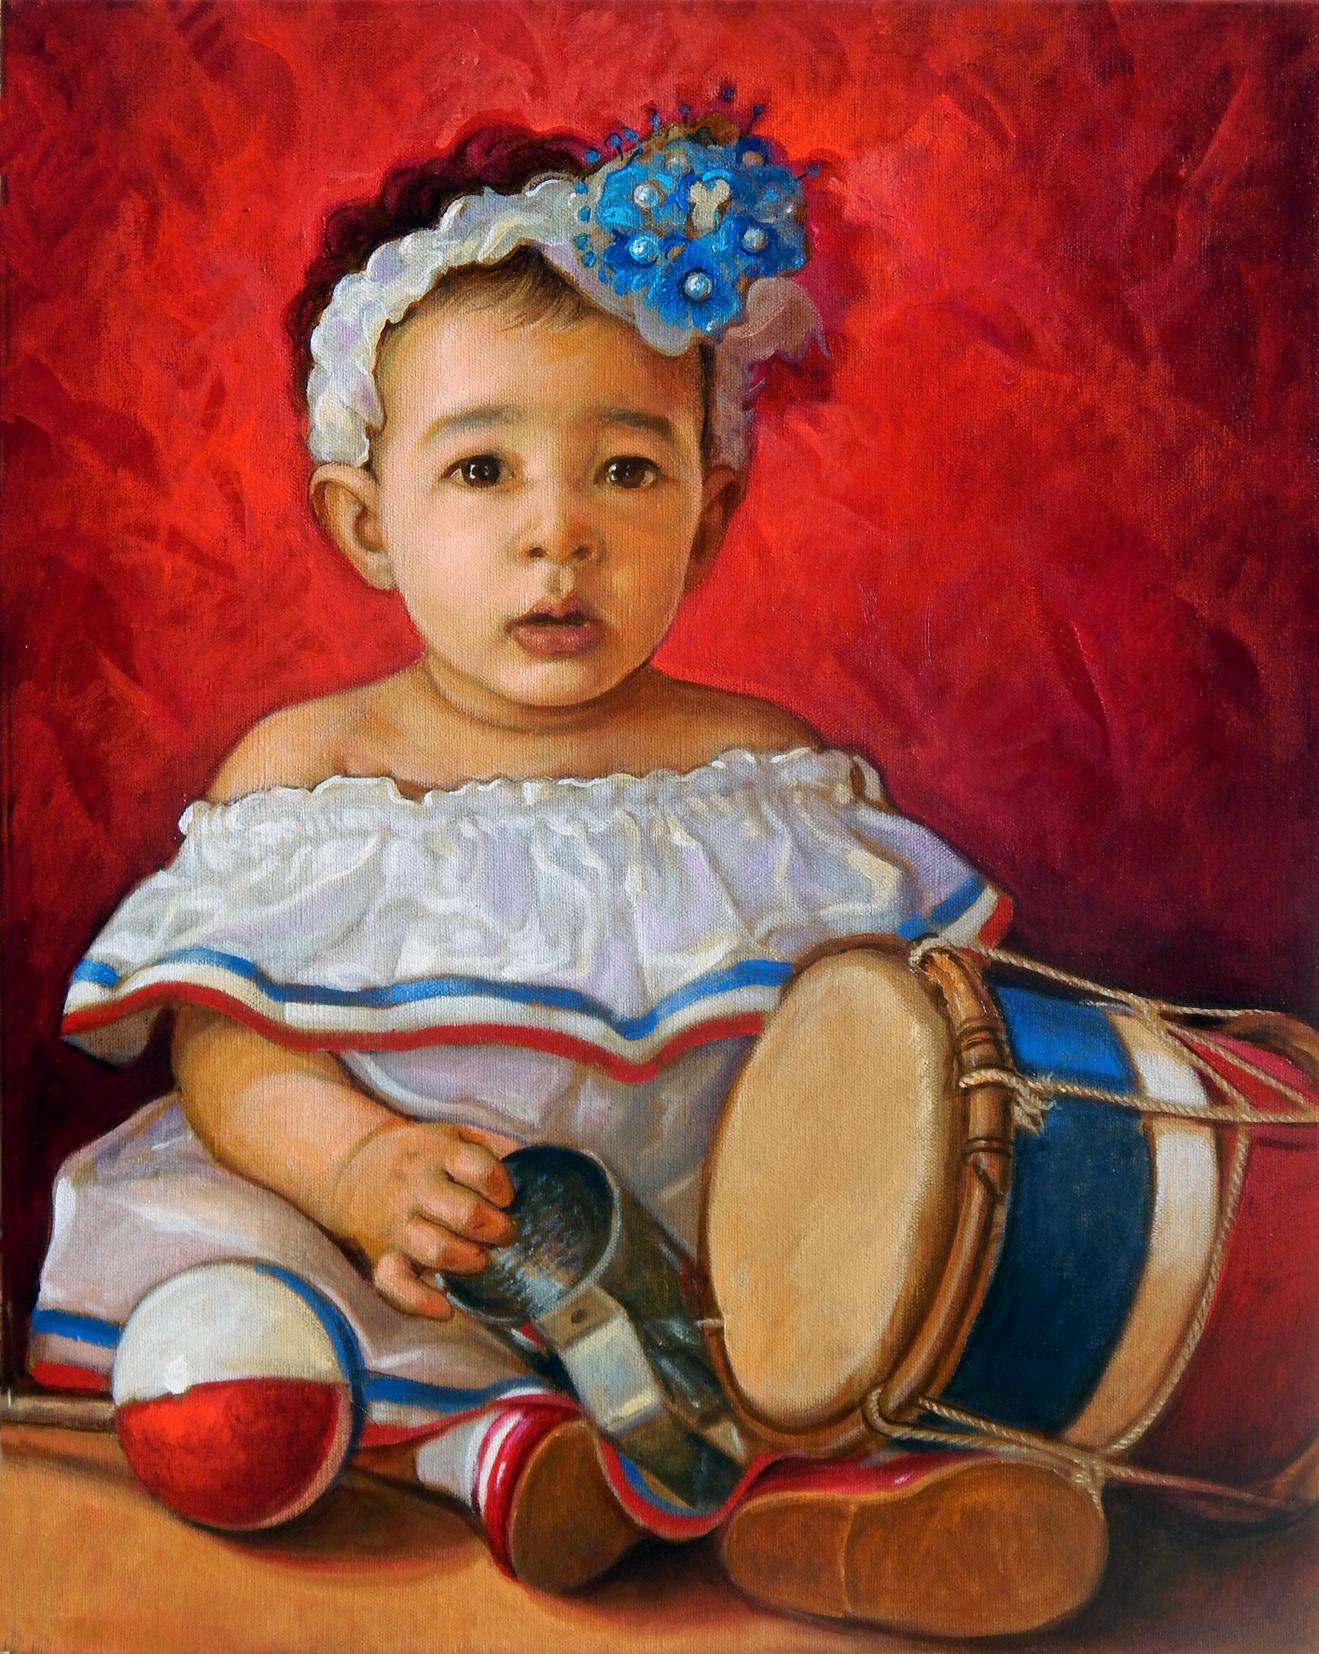 """Retrato de mi hija """"Sencillamente Paloma"""", 16x20 pulgs, Dustin Muñoz, 2014"""